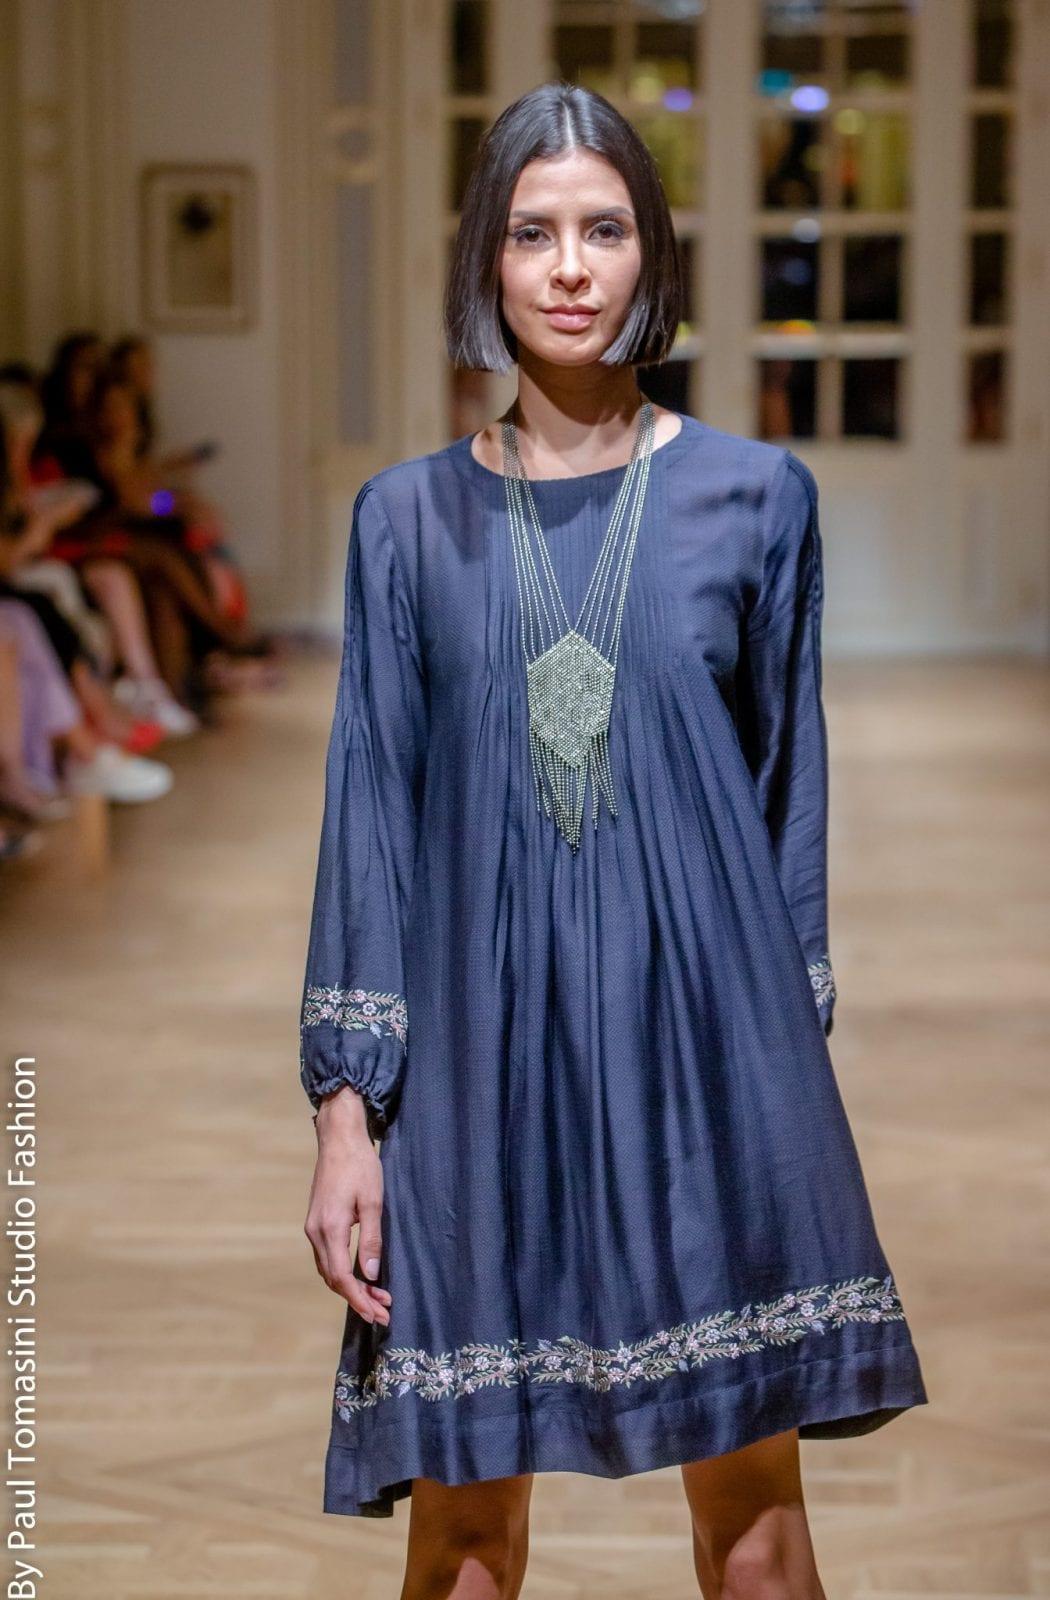 Une des pièces de la collection de Lo Neel pendant le fashion show